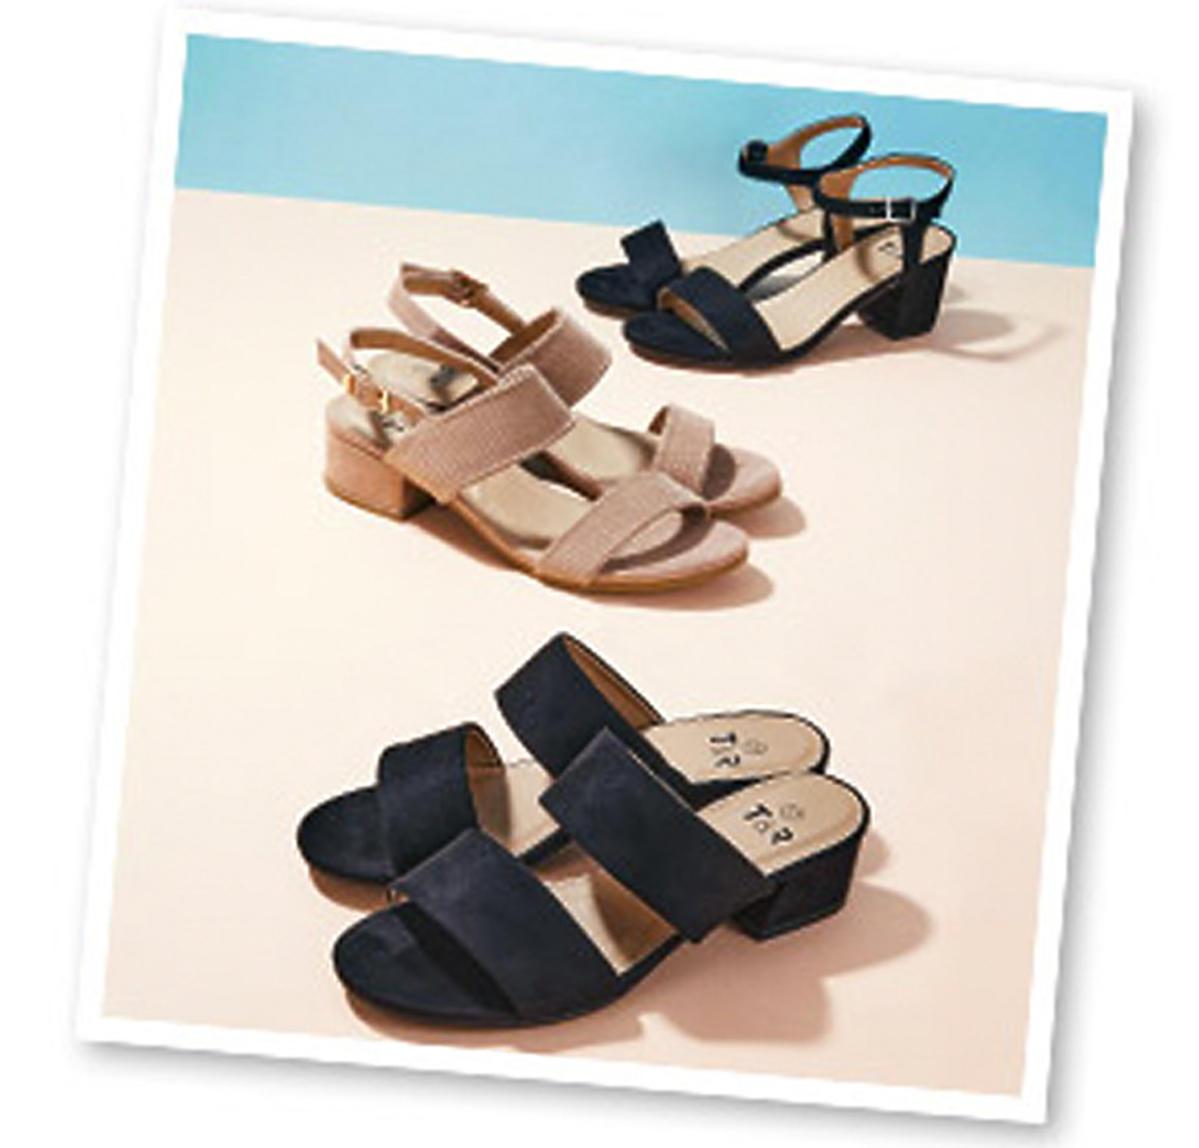 Trendy lato 2020. Nowe sandały i klapki z Biedronki za 45 złotych są ładniejsze niż te z Zary